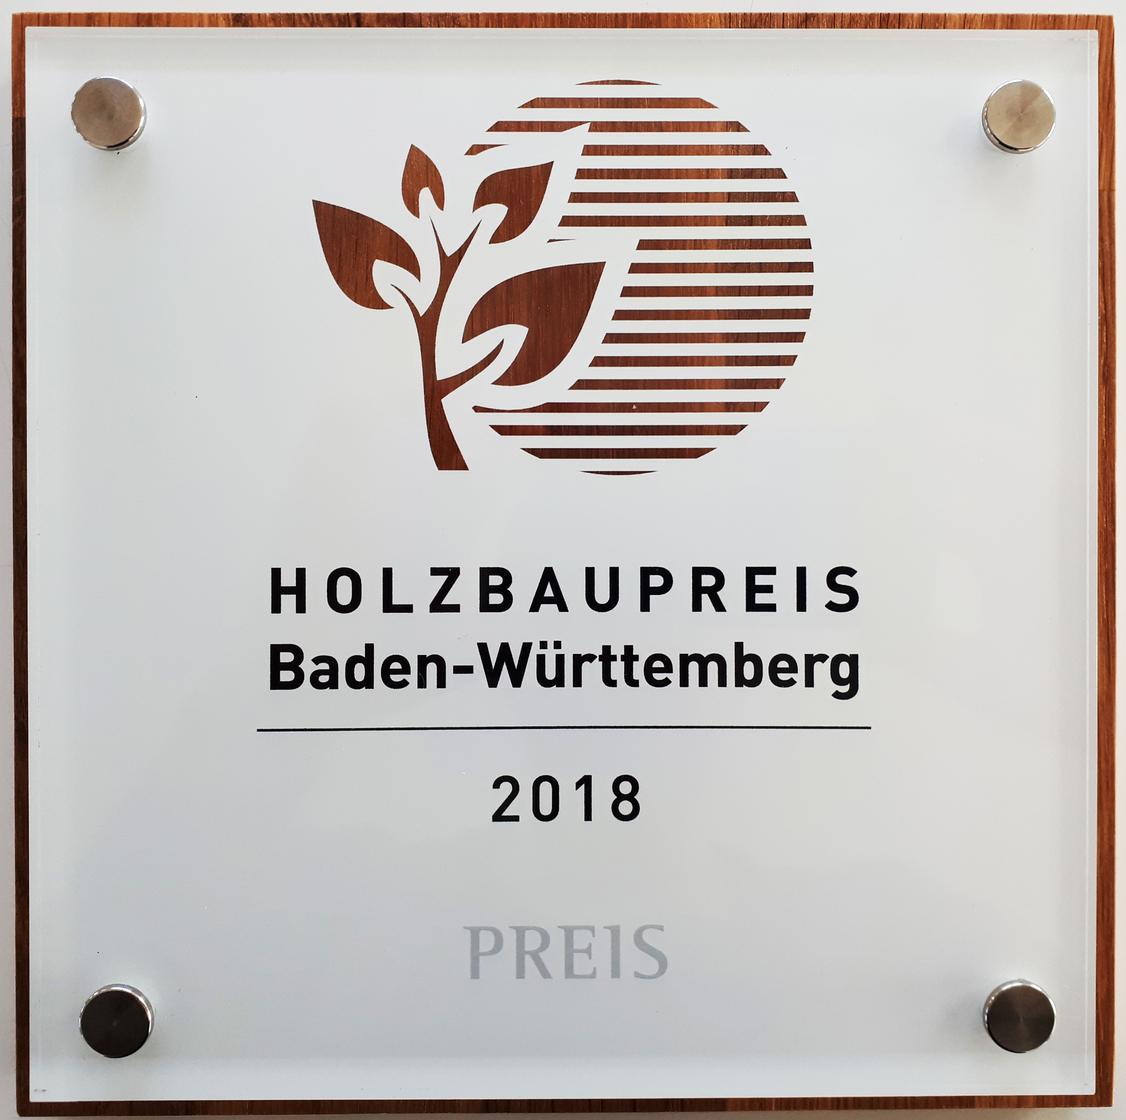 holzbaupreis bw 2018_plakette